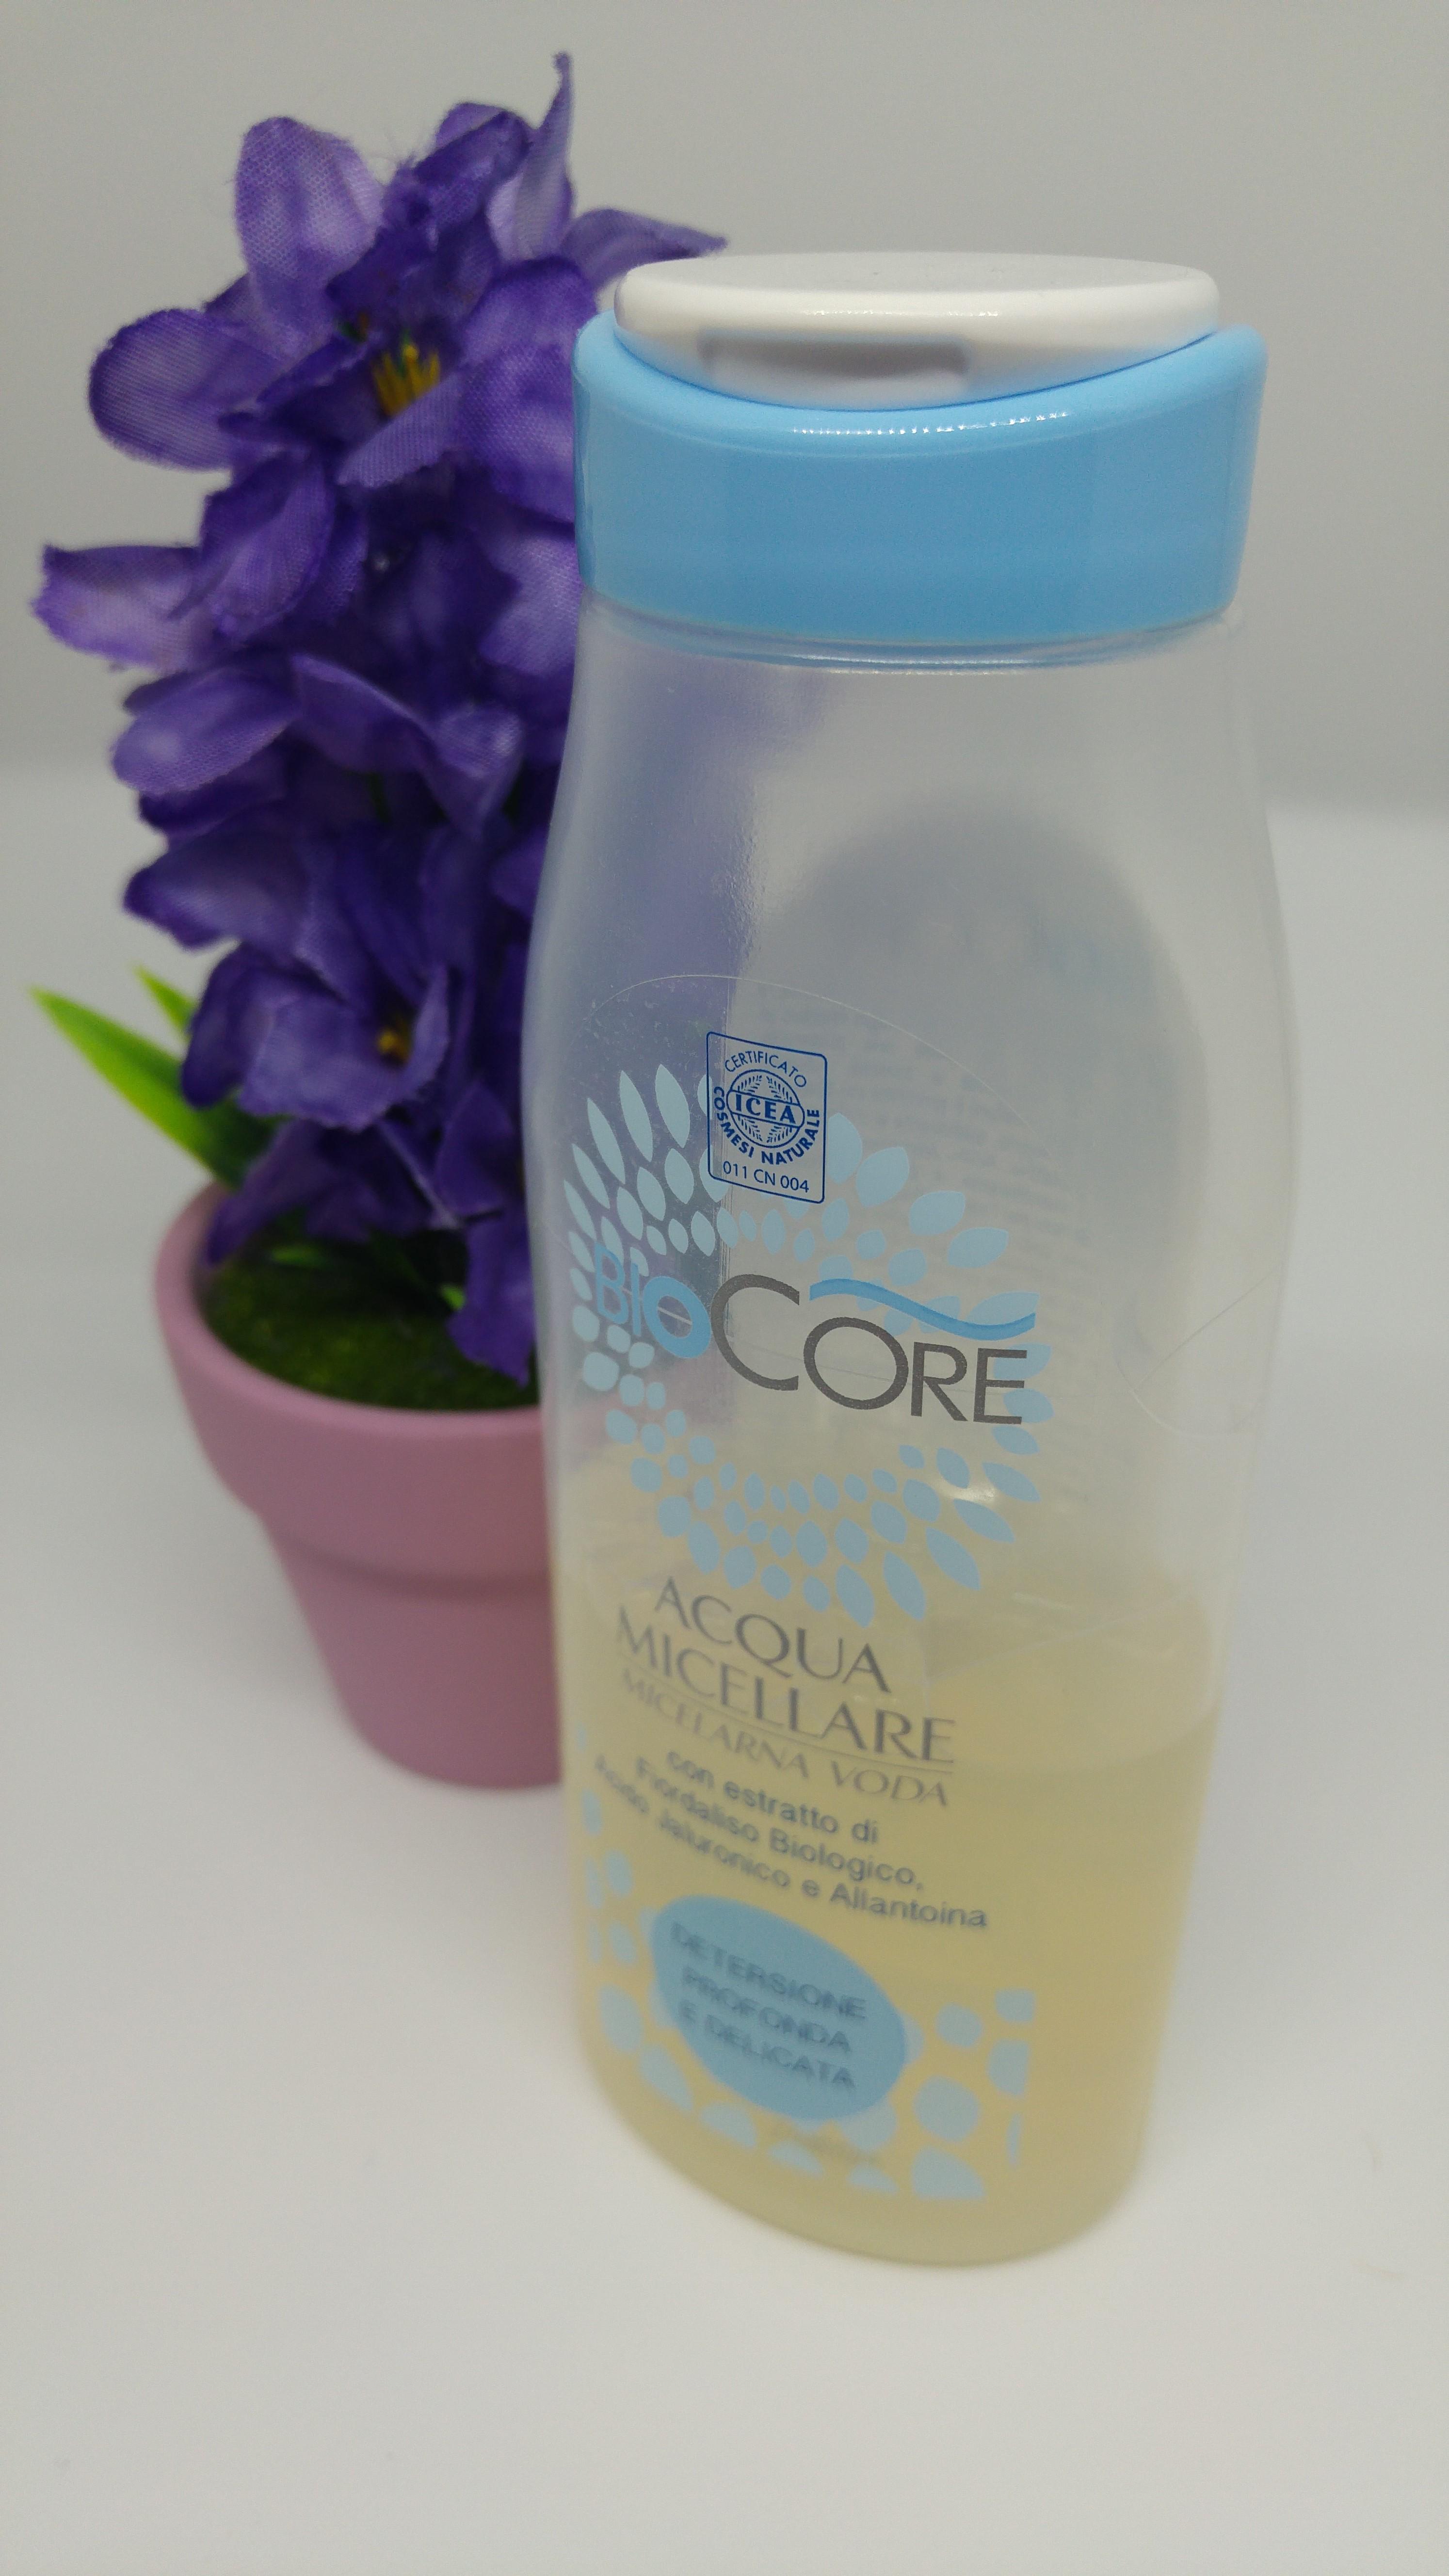 Acqua micellare BioCore – Eurospin | Recensione